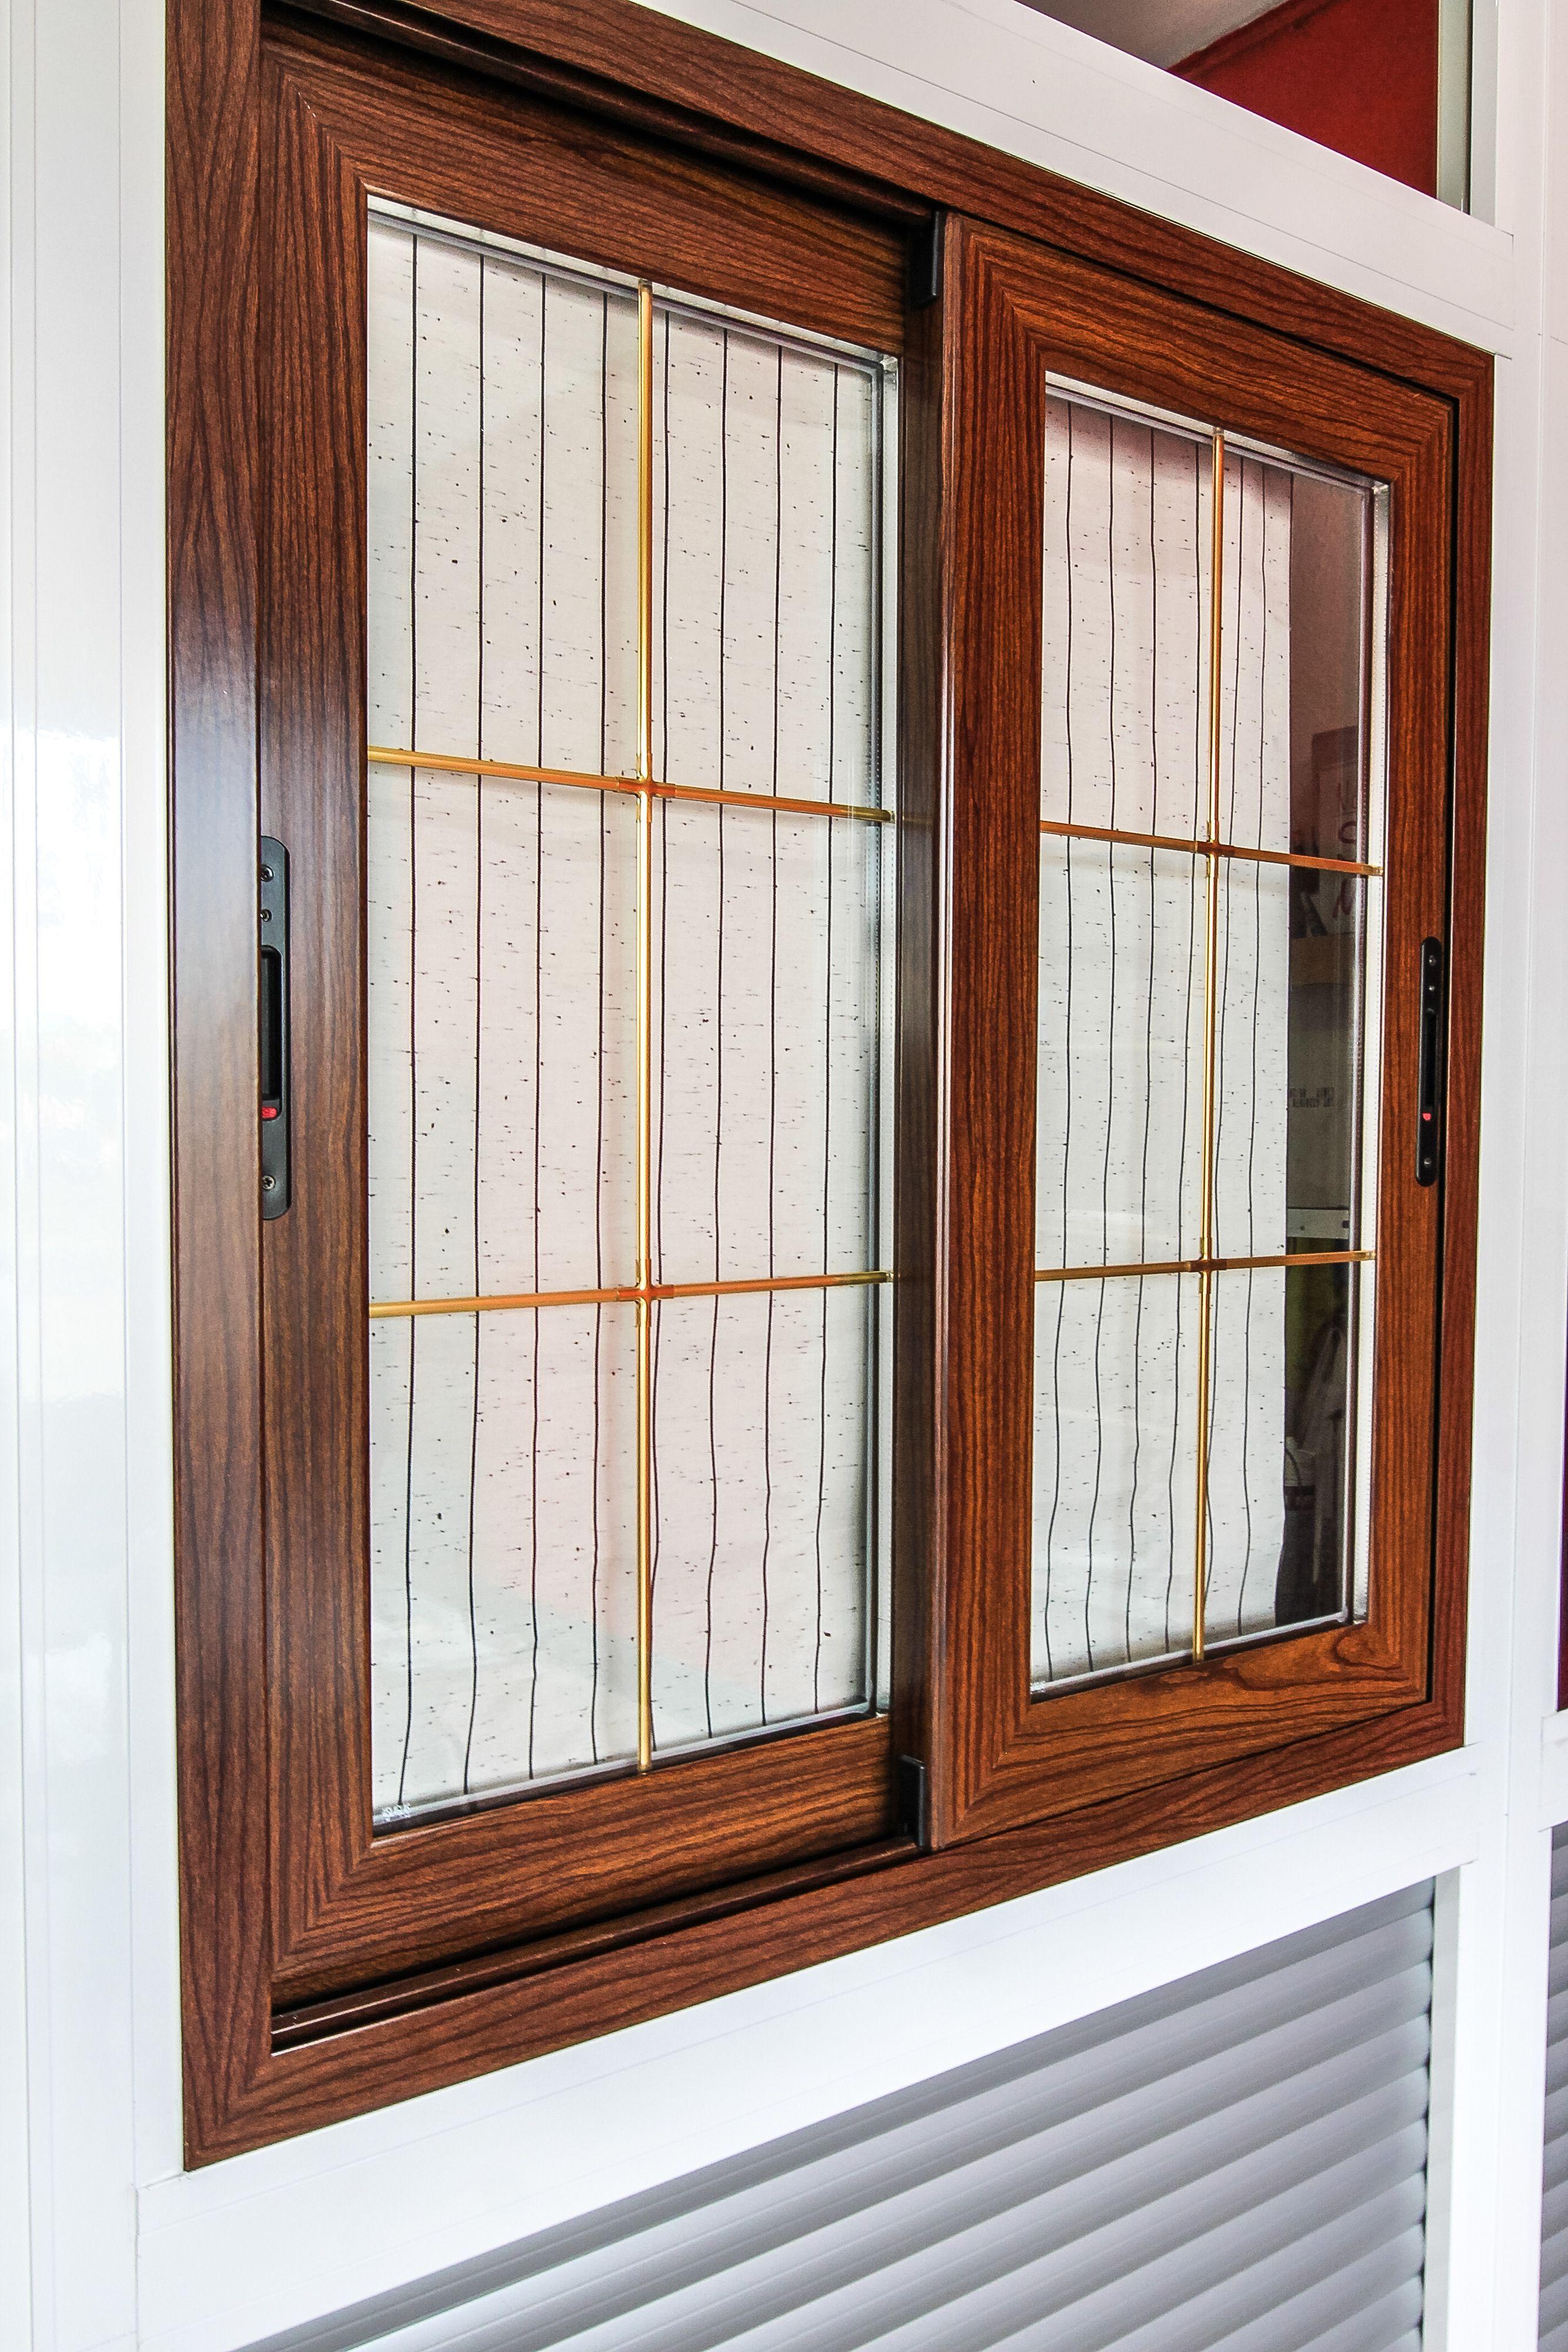 Precio de ventanas de pvc good ventanas de pvc en llanes - Precios ventanas pvc climalit ...